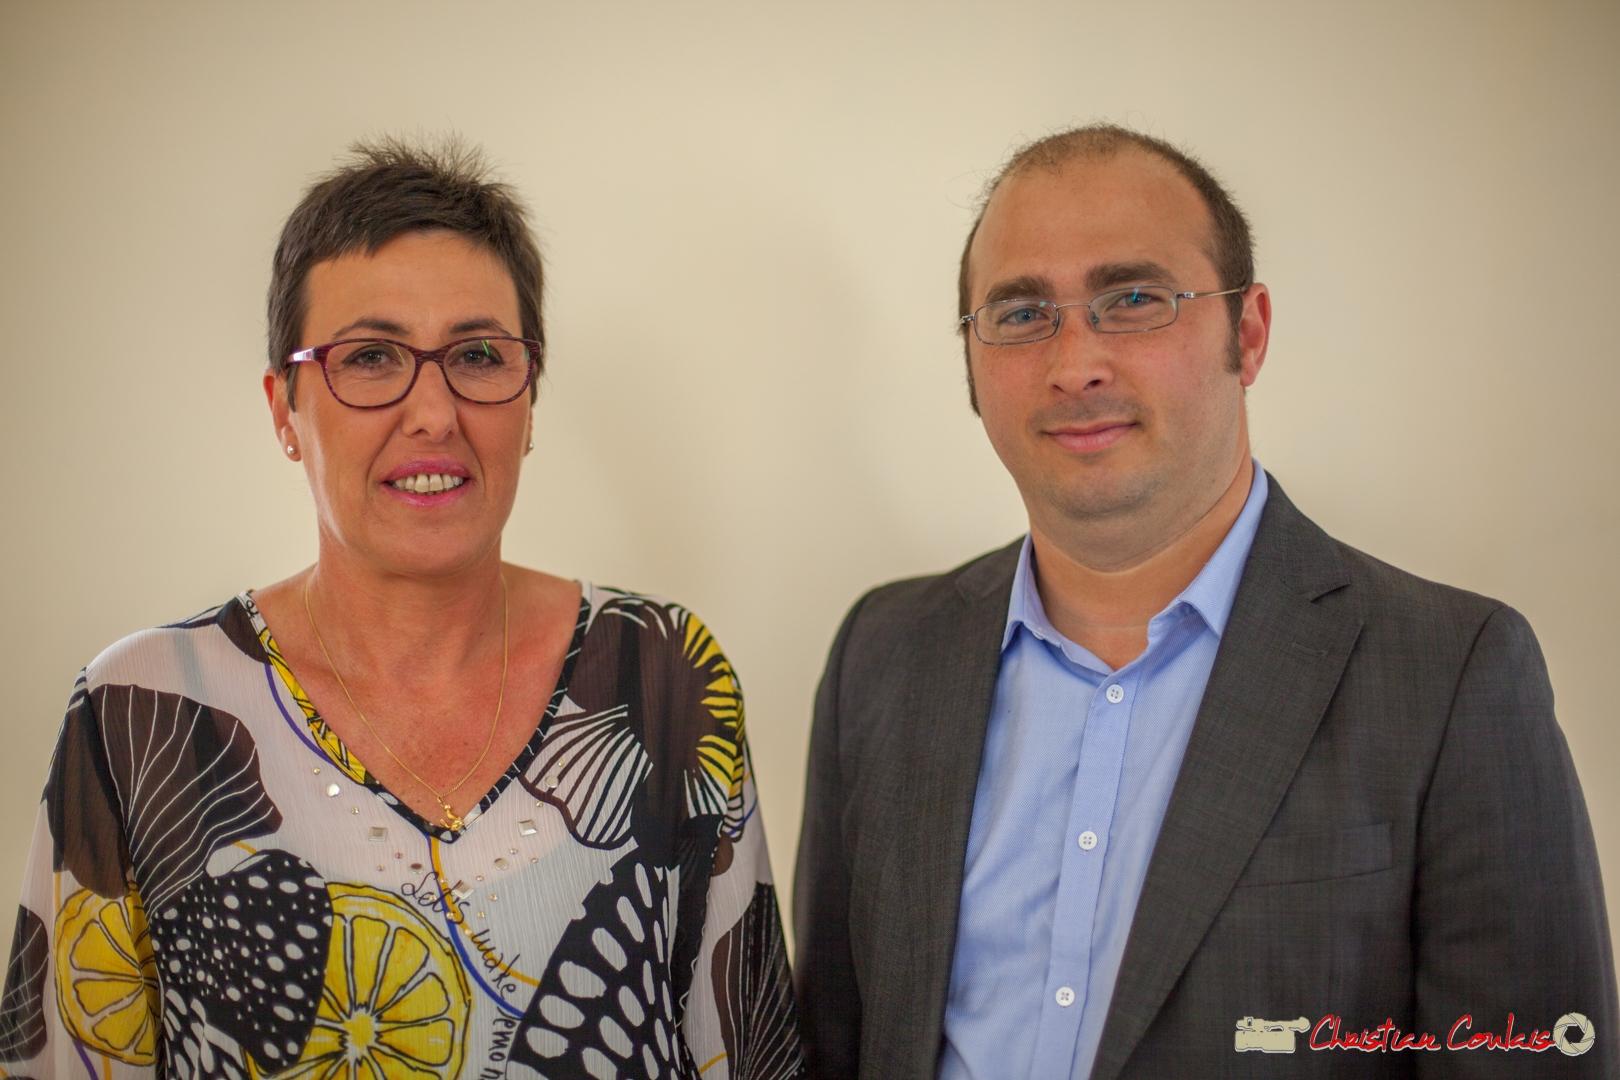 Nathalie Chollon-Dulong, suppléante, Christophe Miqueu, candidat aux élections législatives 2017, 12ème circonscription de la Gironde